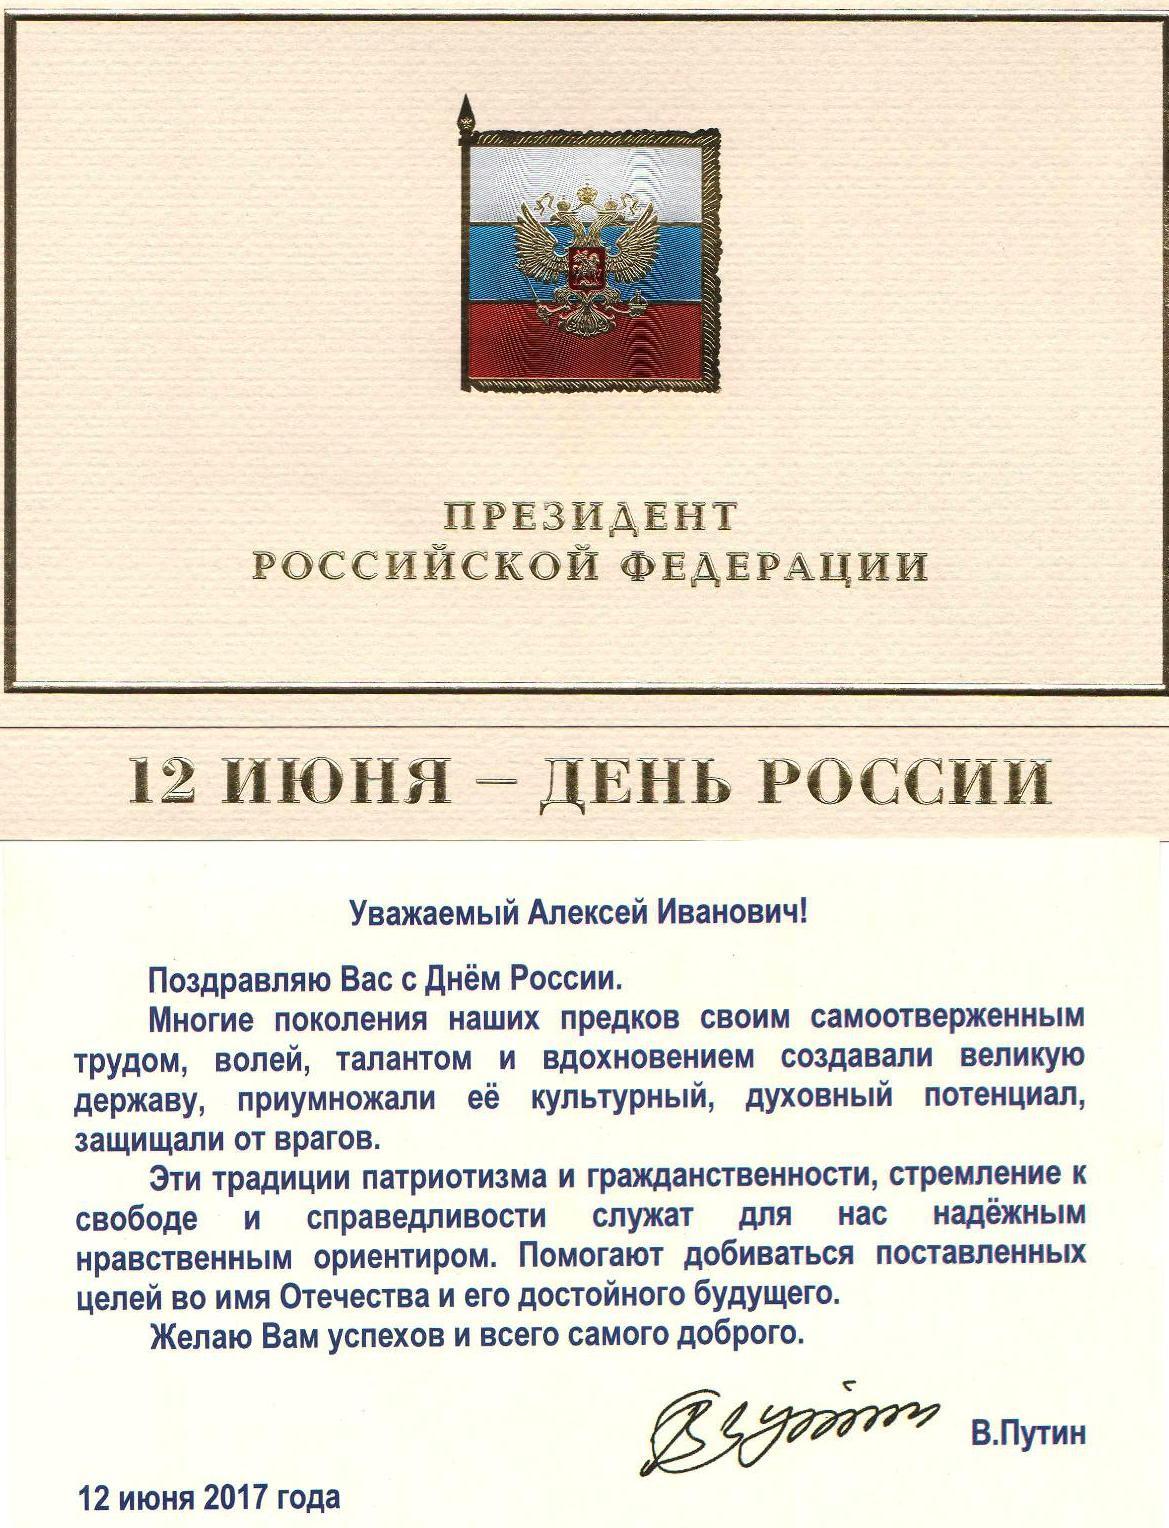 Поздравления президенту - Петербург) 16